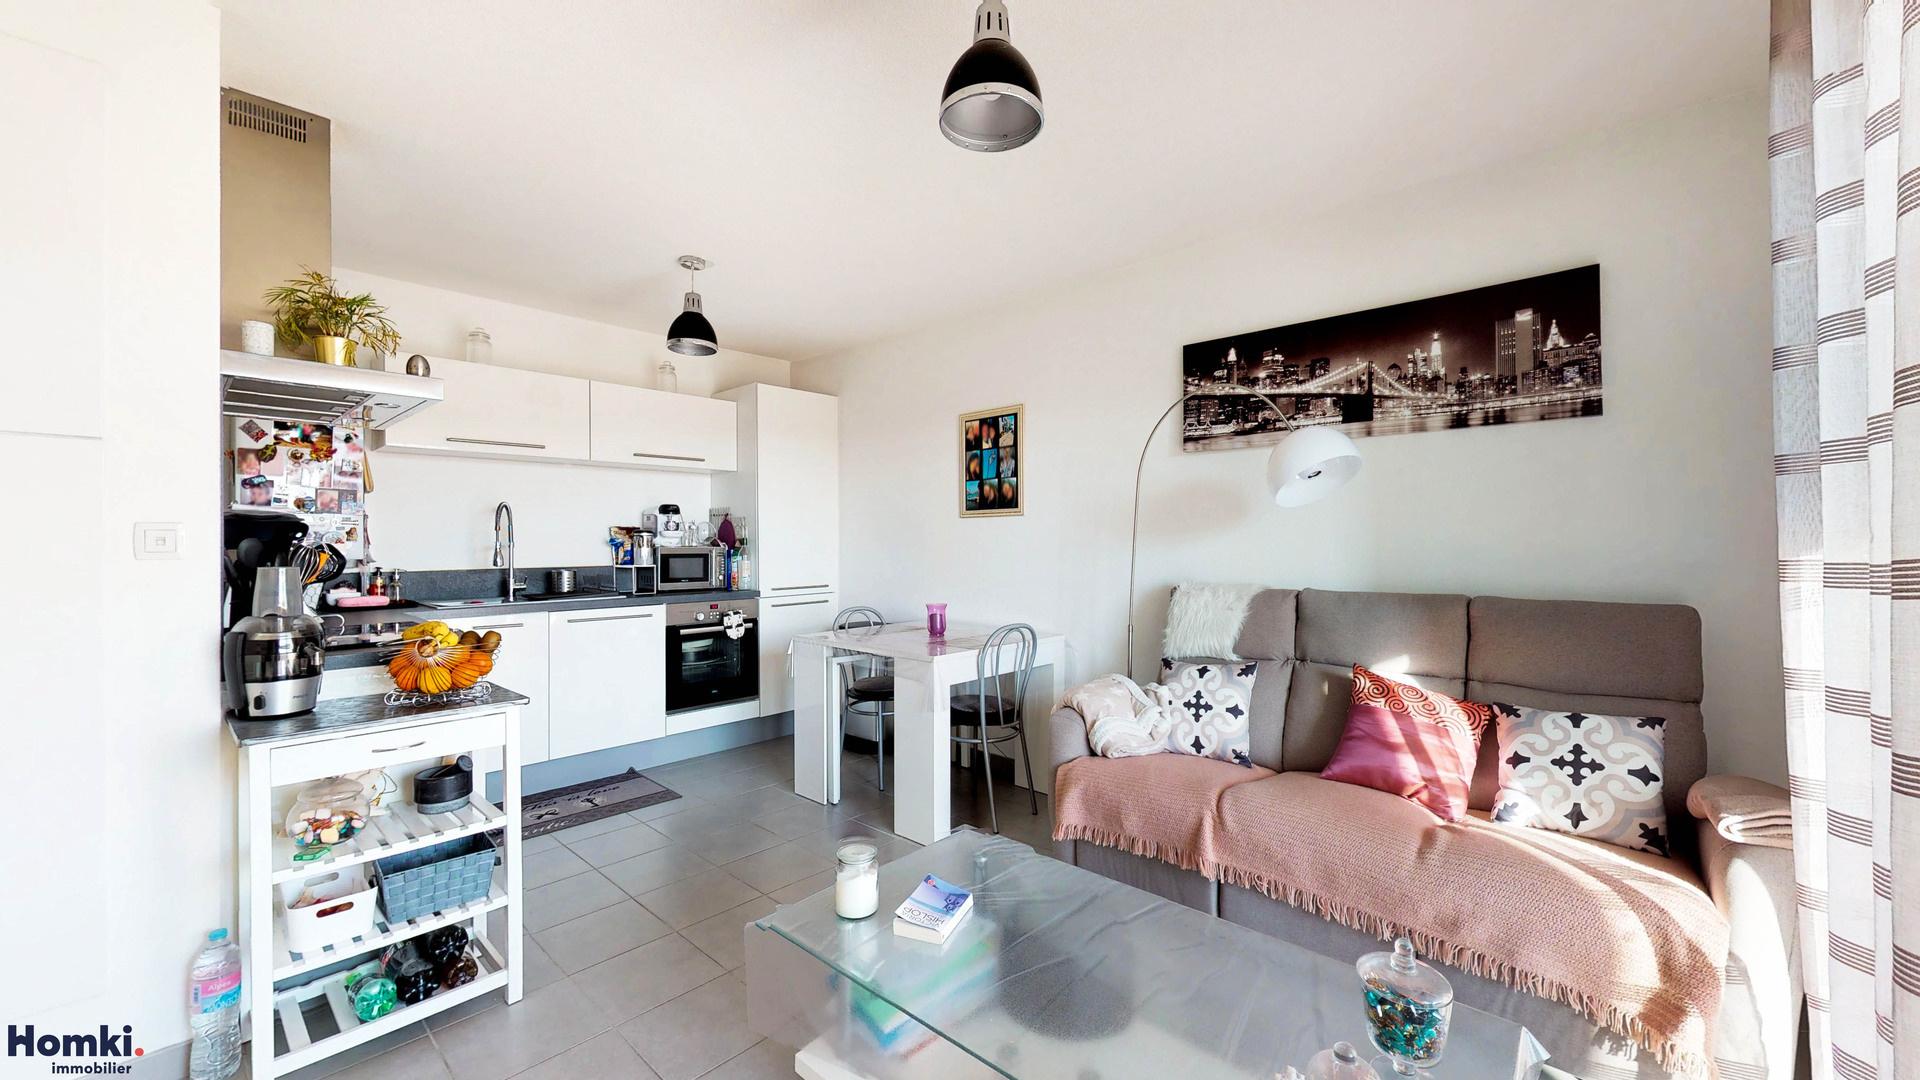 Homki - Vente appartement  de 40.0 m² à marseille 13015